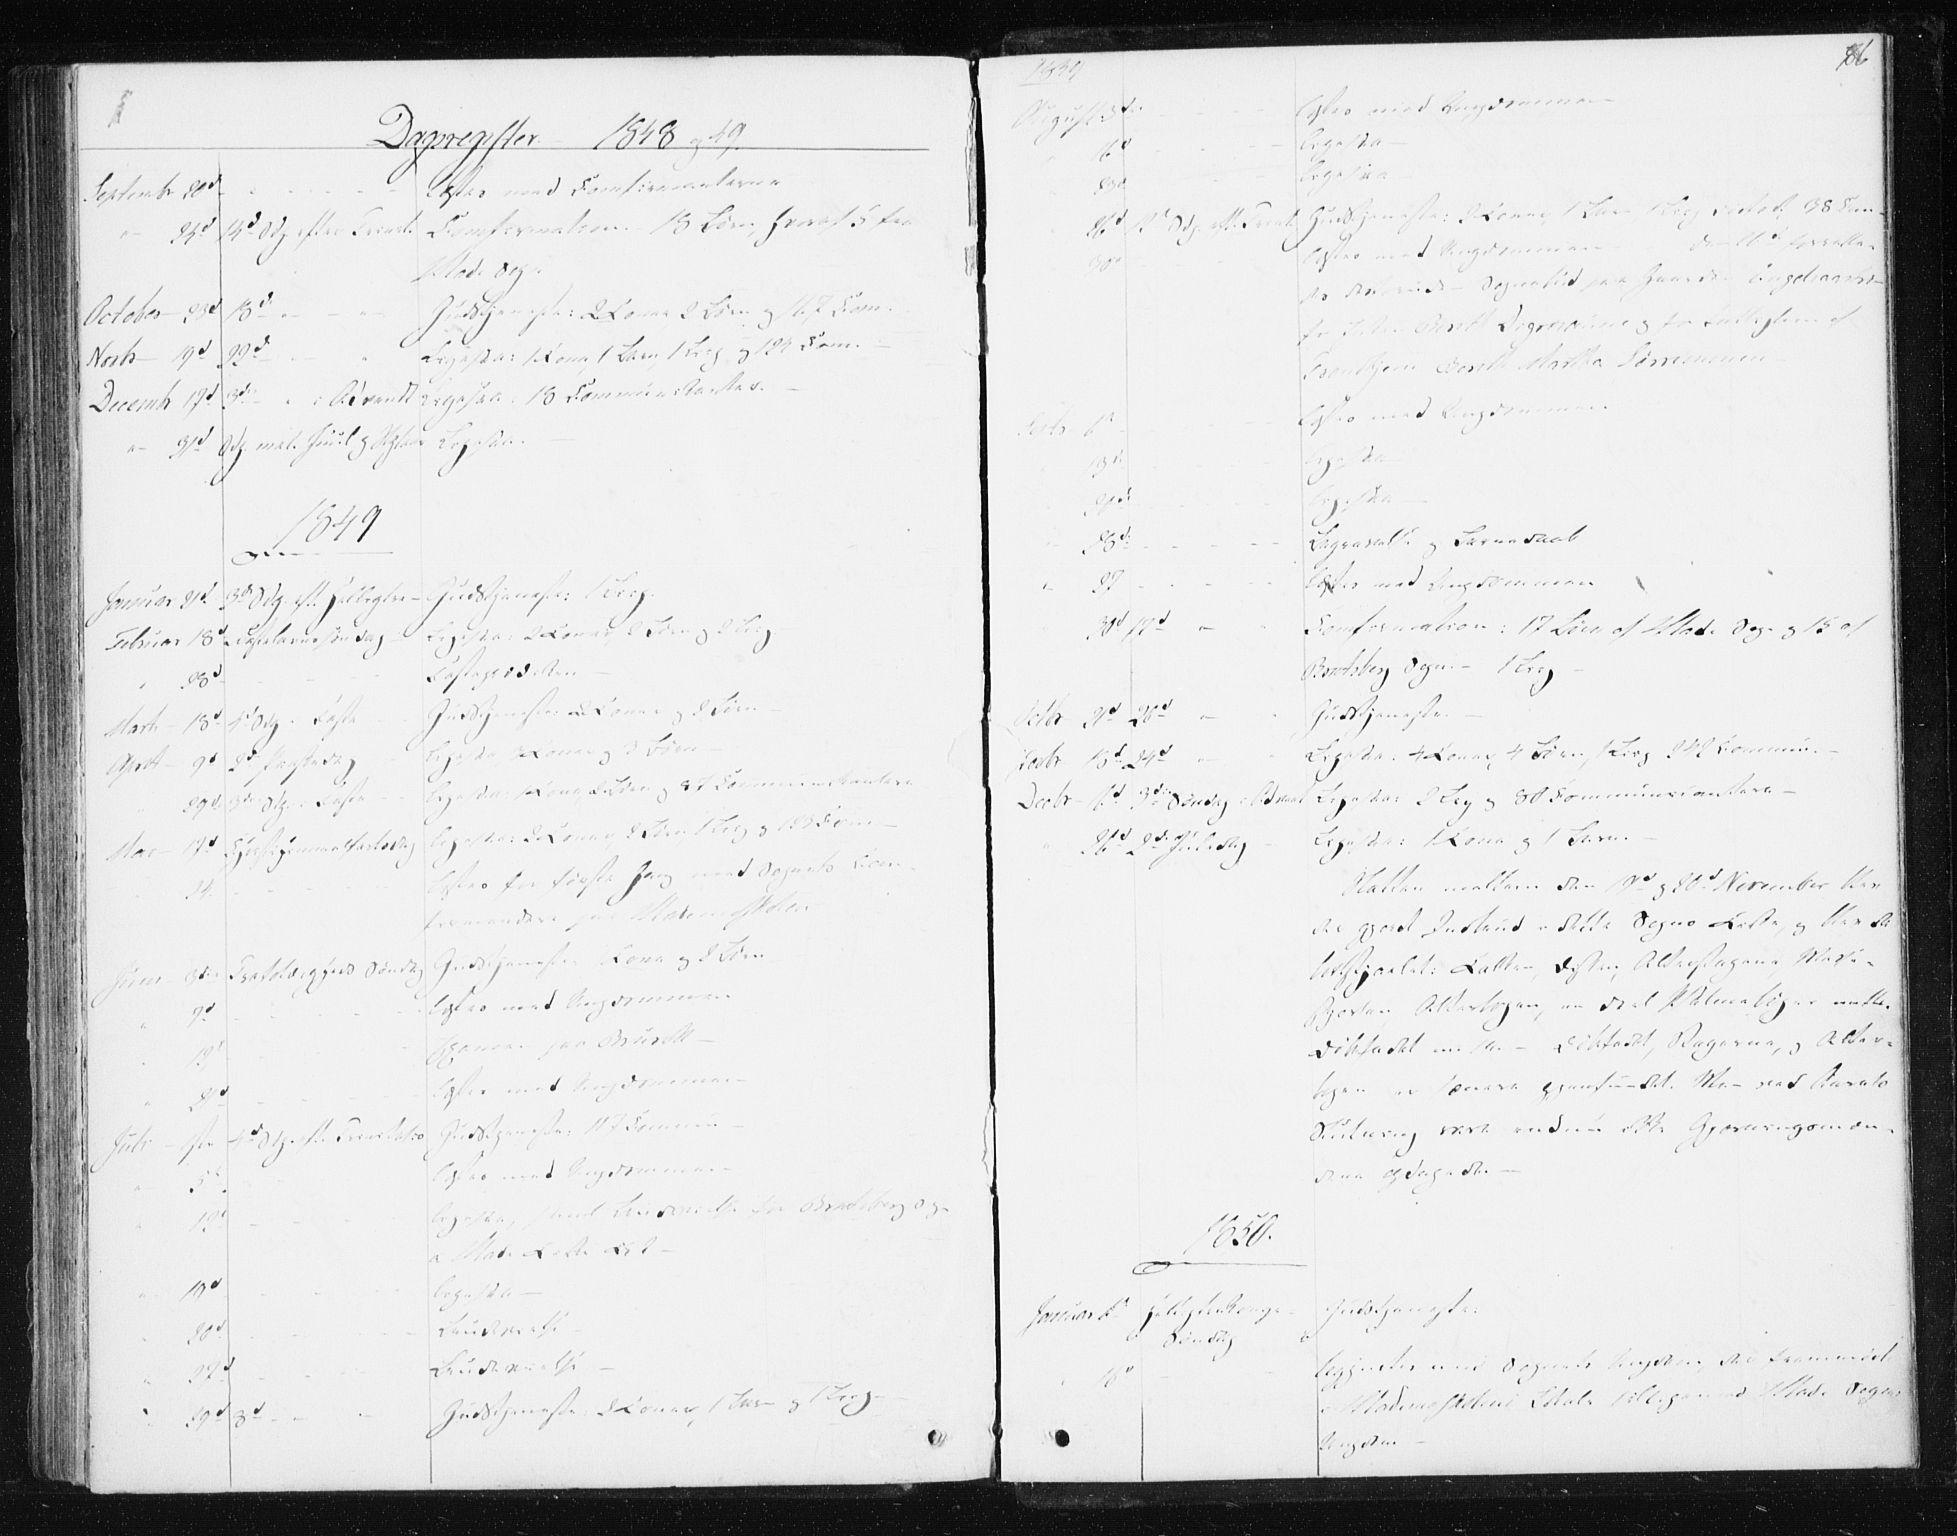 SAT, Ministerialprotokoller, klokkerbøker og fødselsregistre - Sør-Trøndelag, 608/L0332: Ministerialbok nr. 608A01, 1848-1861, s. 86